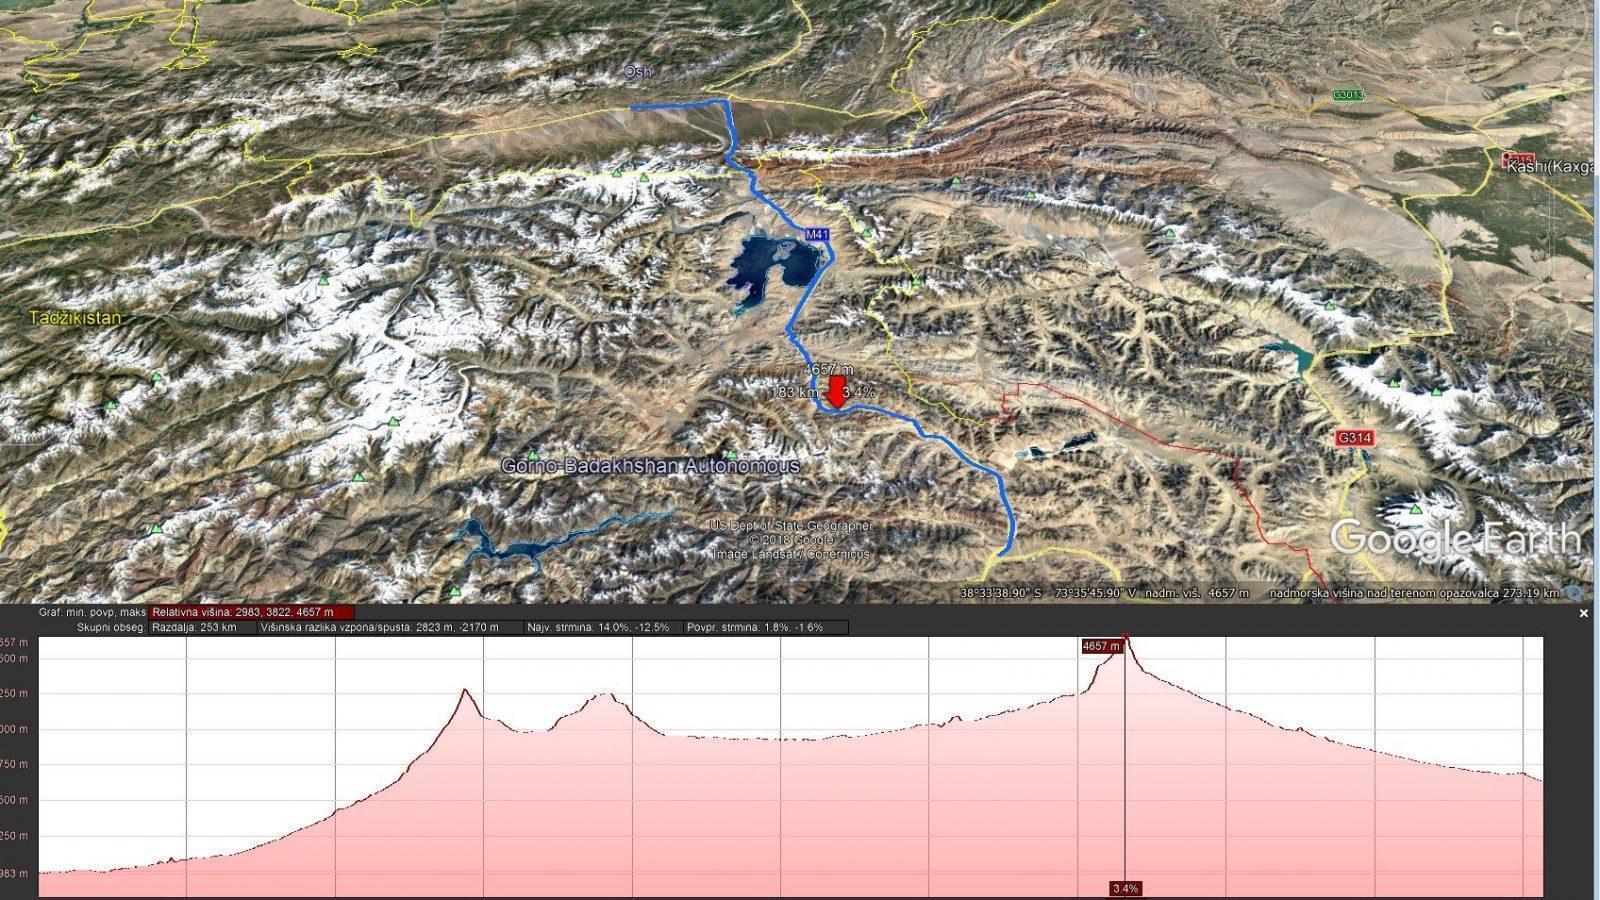 Prelaz z najvišjo točko Pamirske ceste, kot tudi našega potovanja